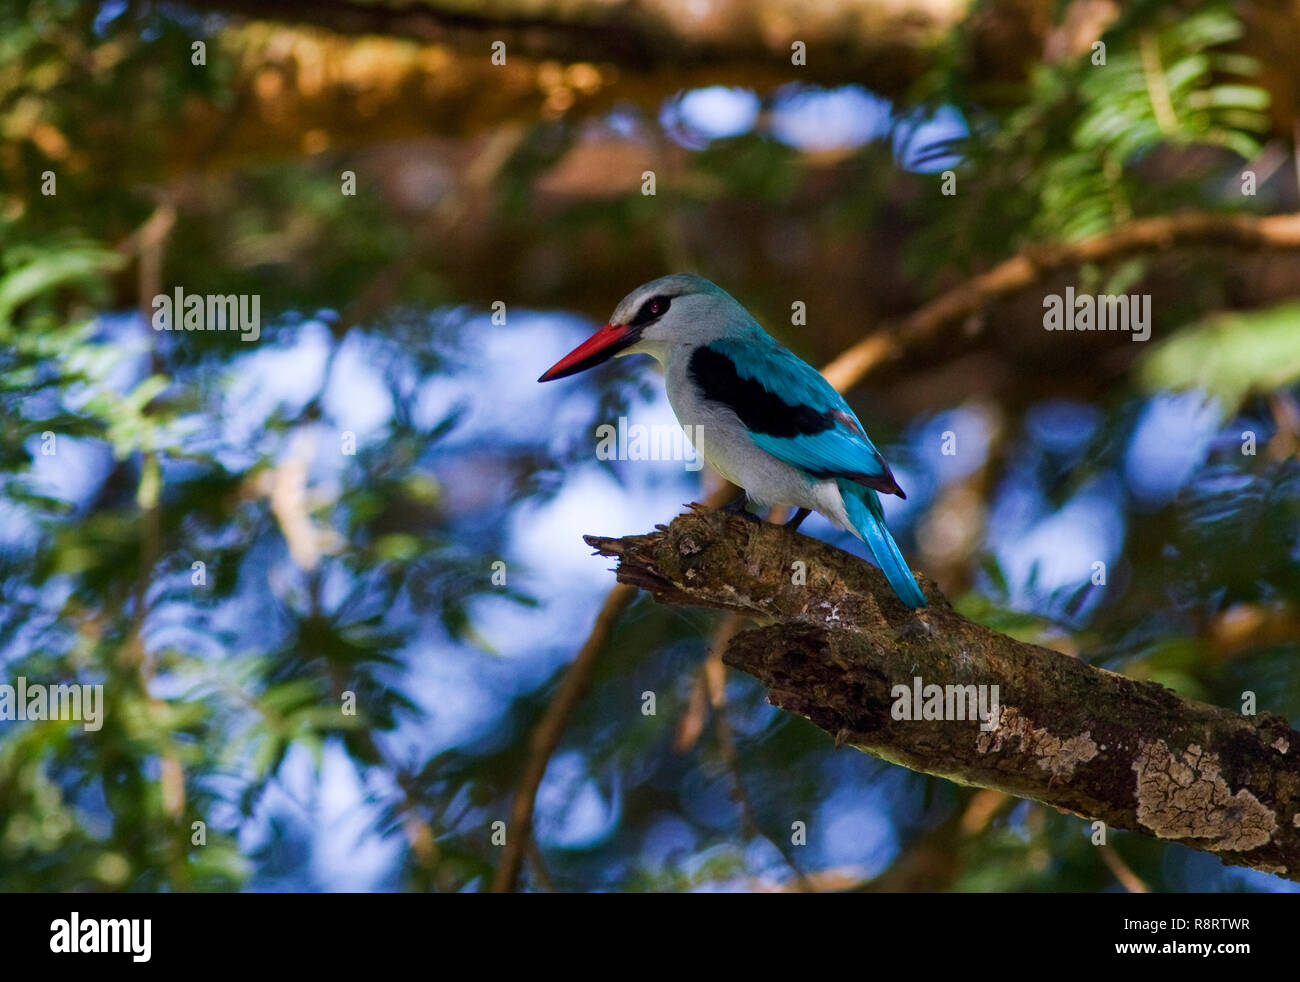 Eine gemeinsame und widspread Inter-afrikanischen Migranten die markanten Ruf der Wälder Kingfisher ist in einer Vielzahl von Lebensräumen gehört Stockbild